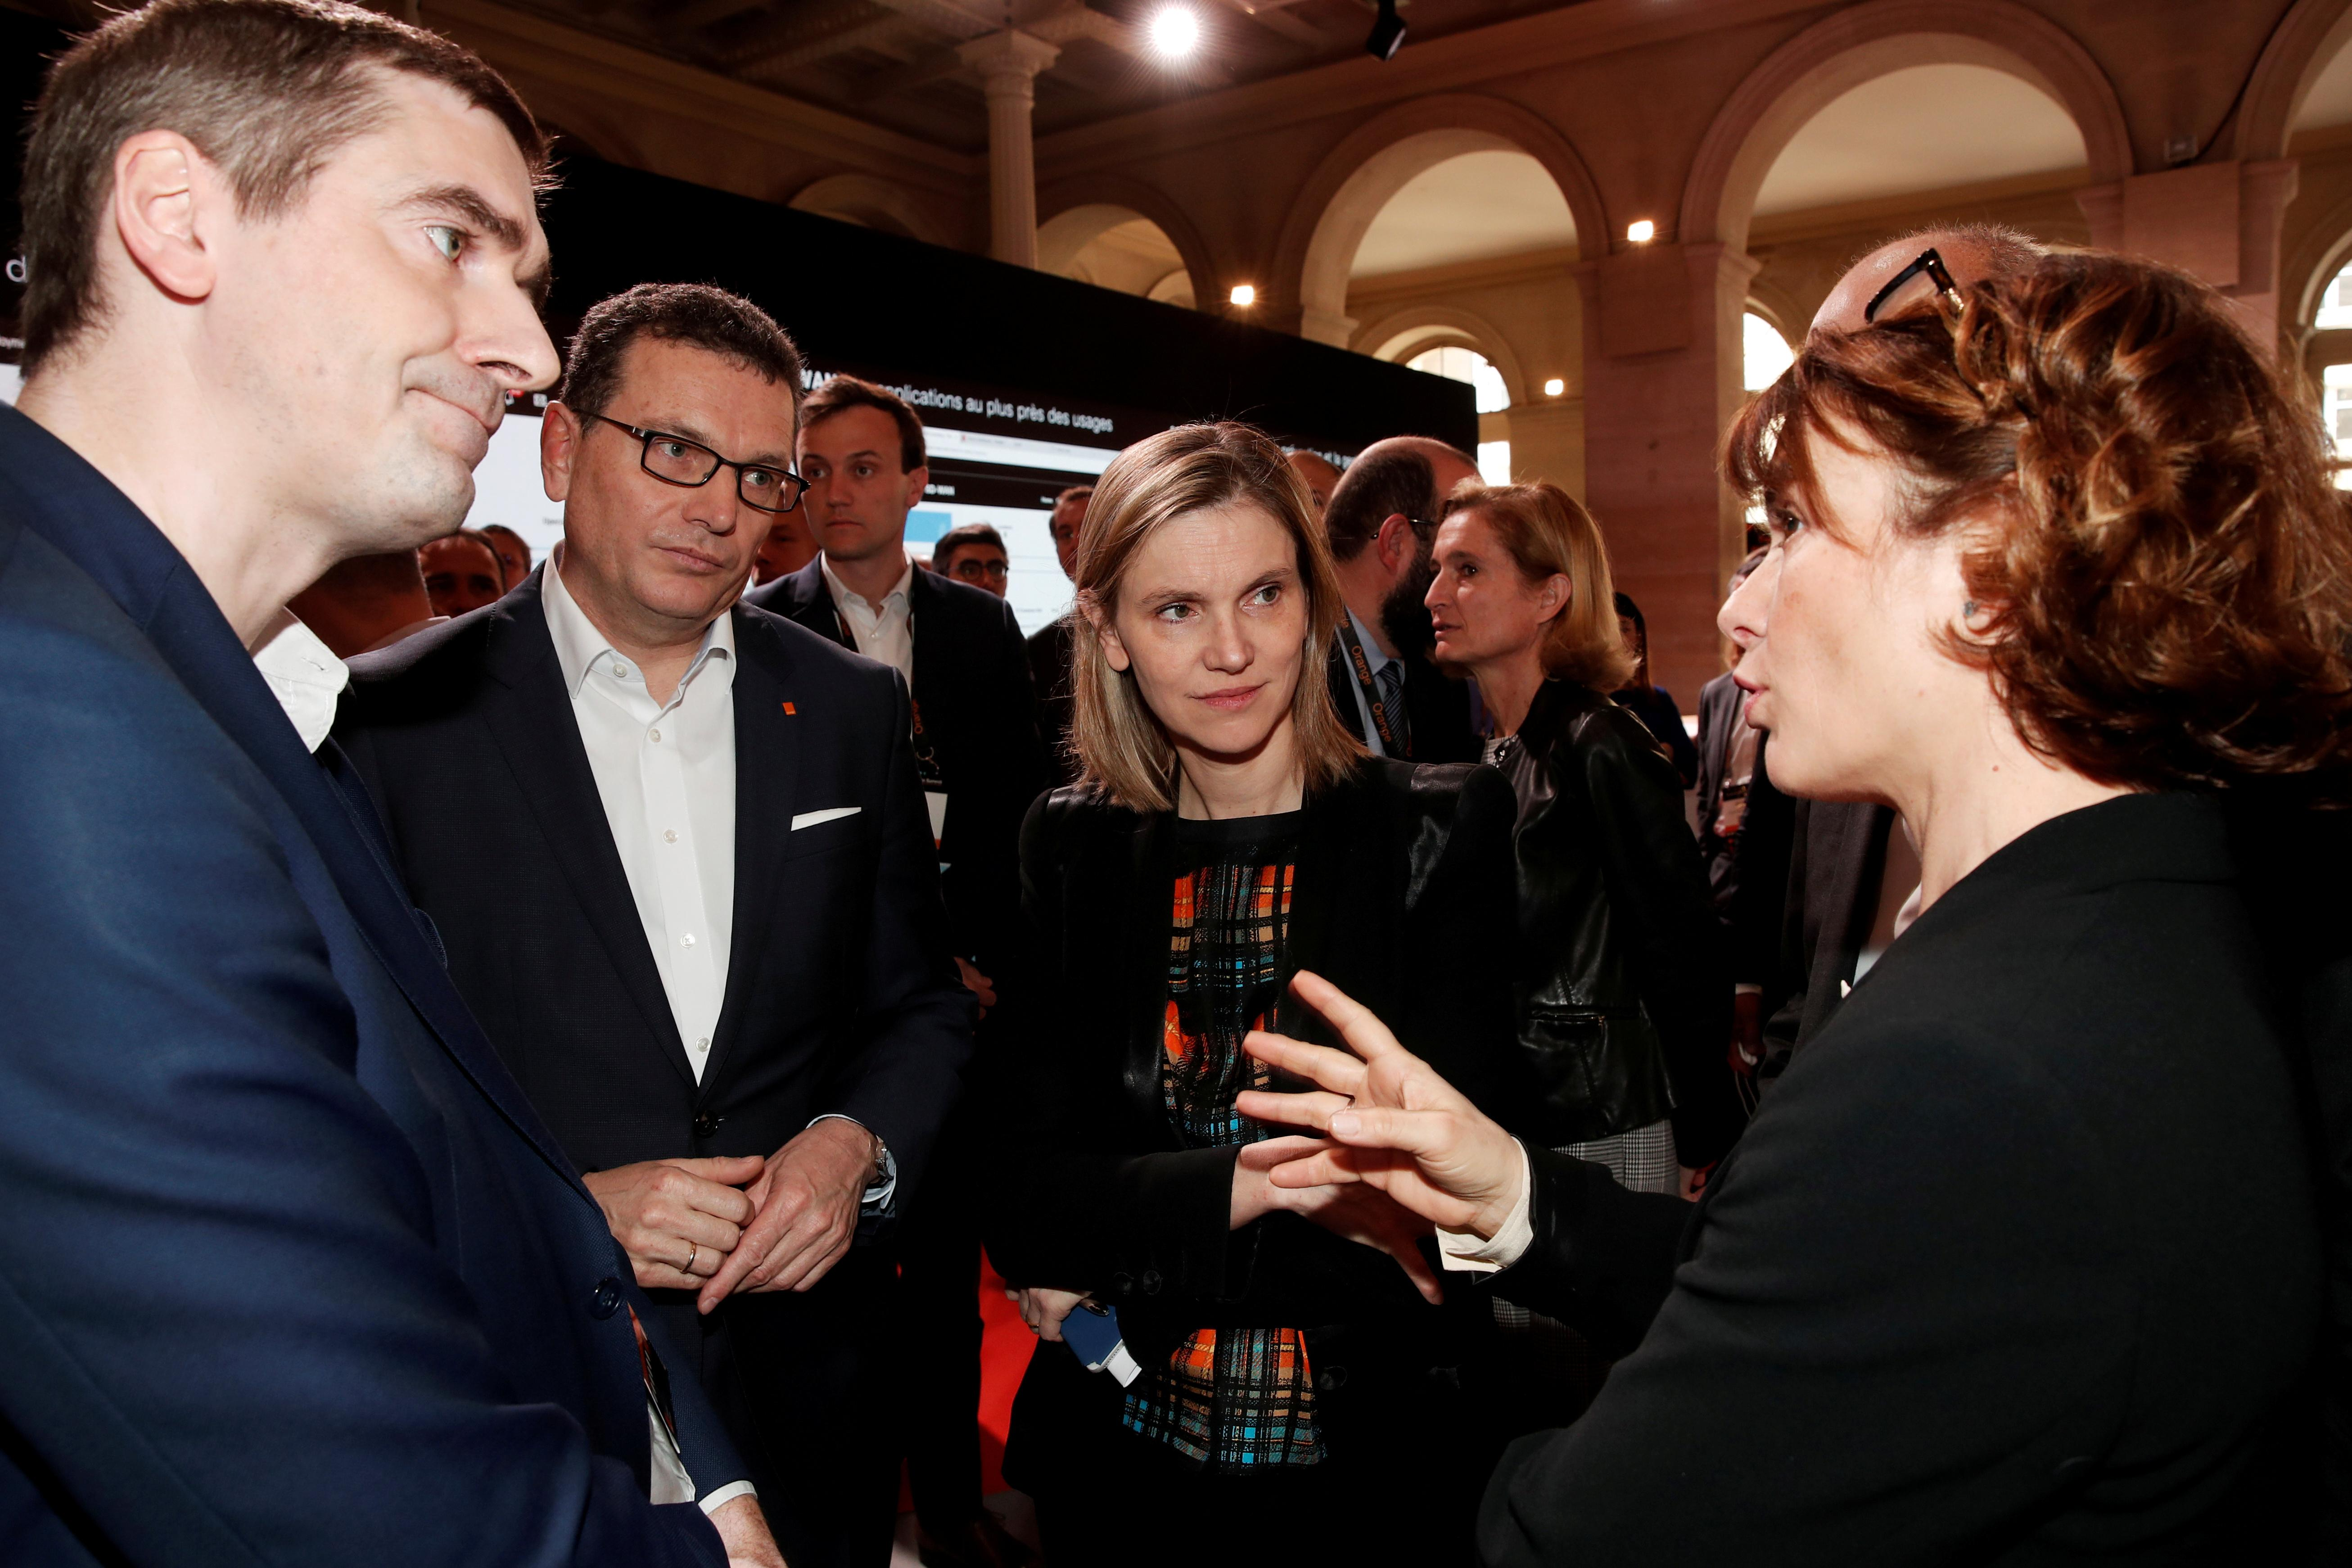 La France et l'UE se disent prêtes à exercer des représailles contre la menace tarifaire américaine